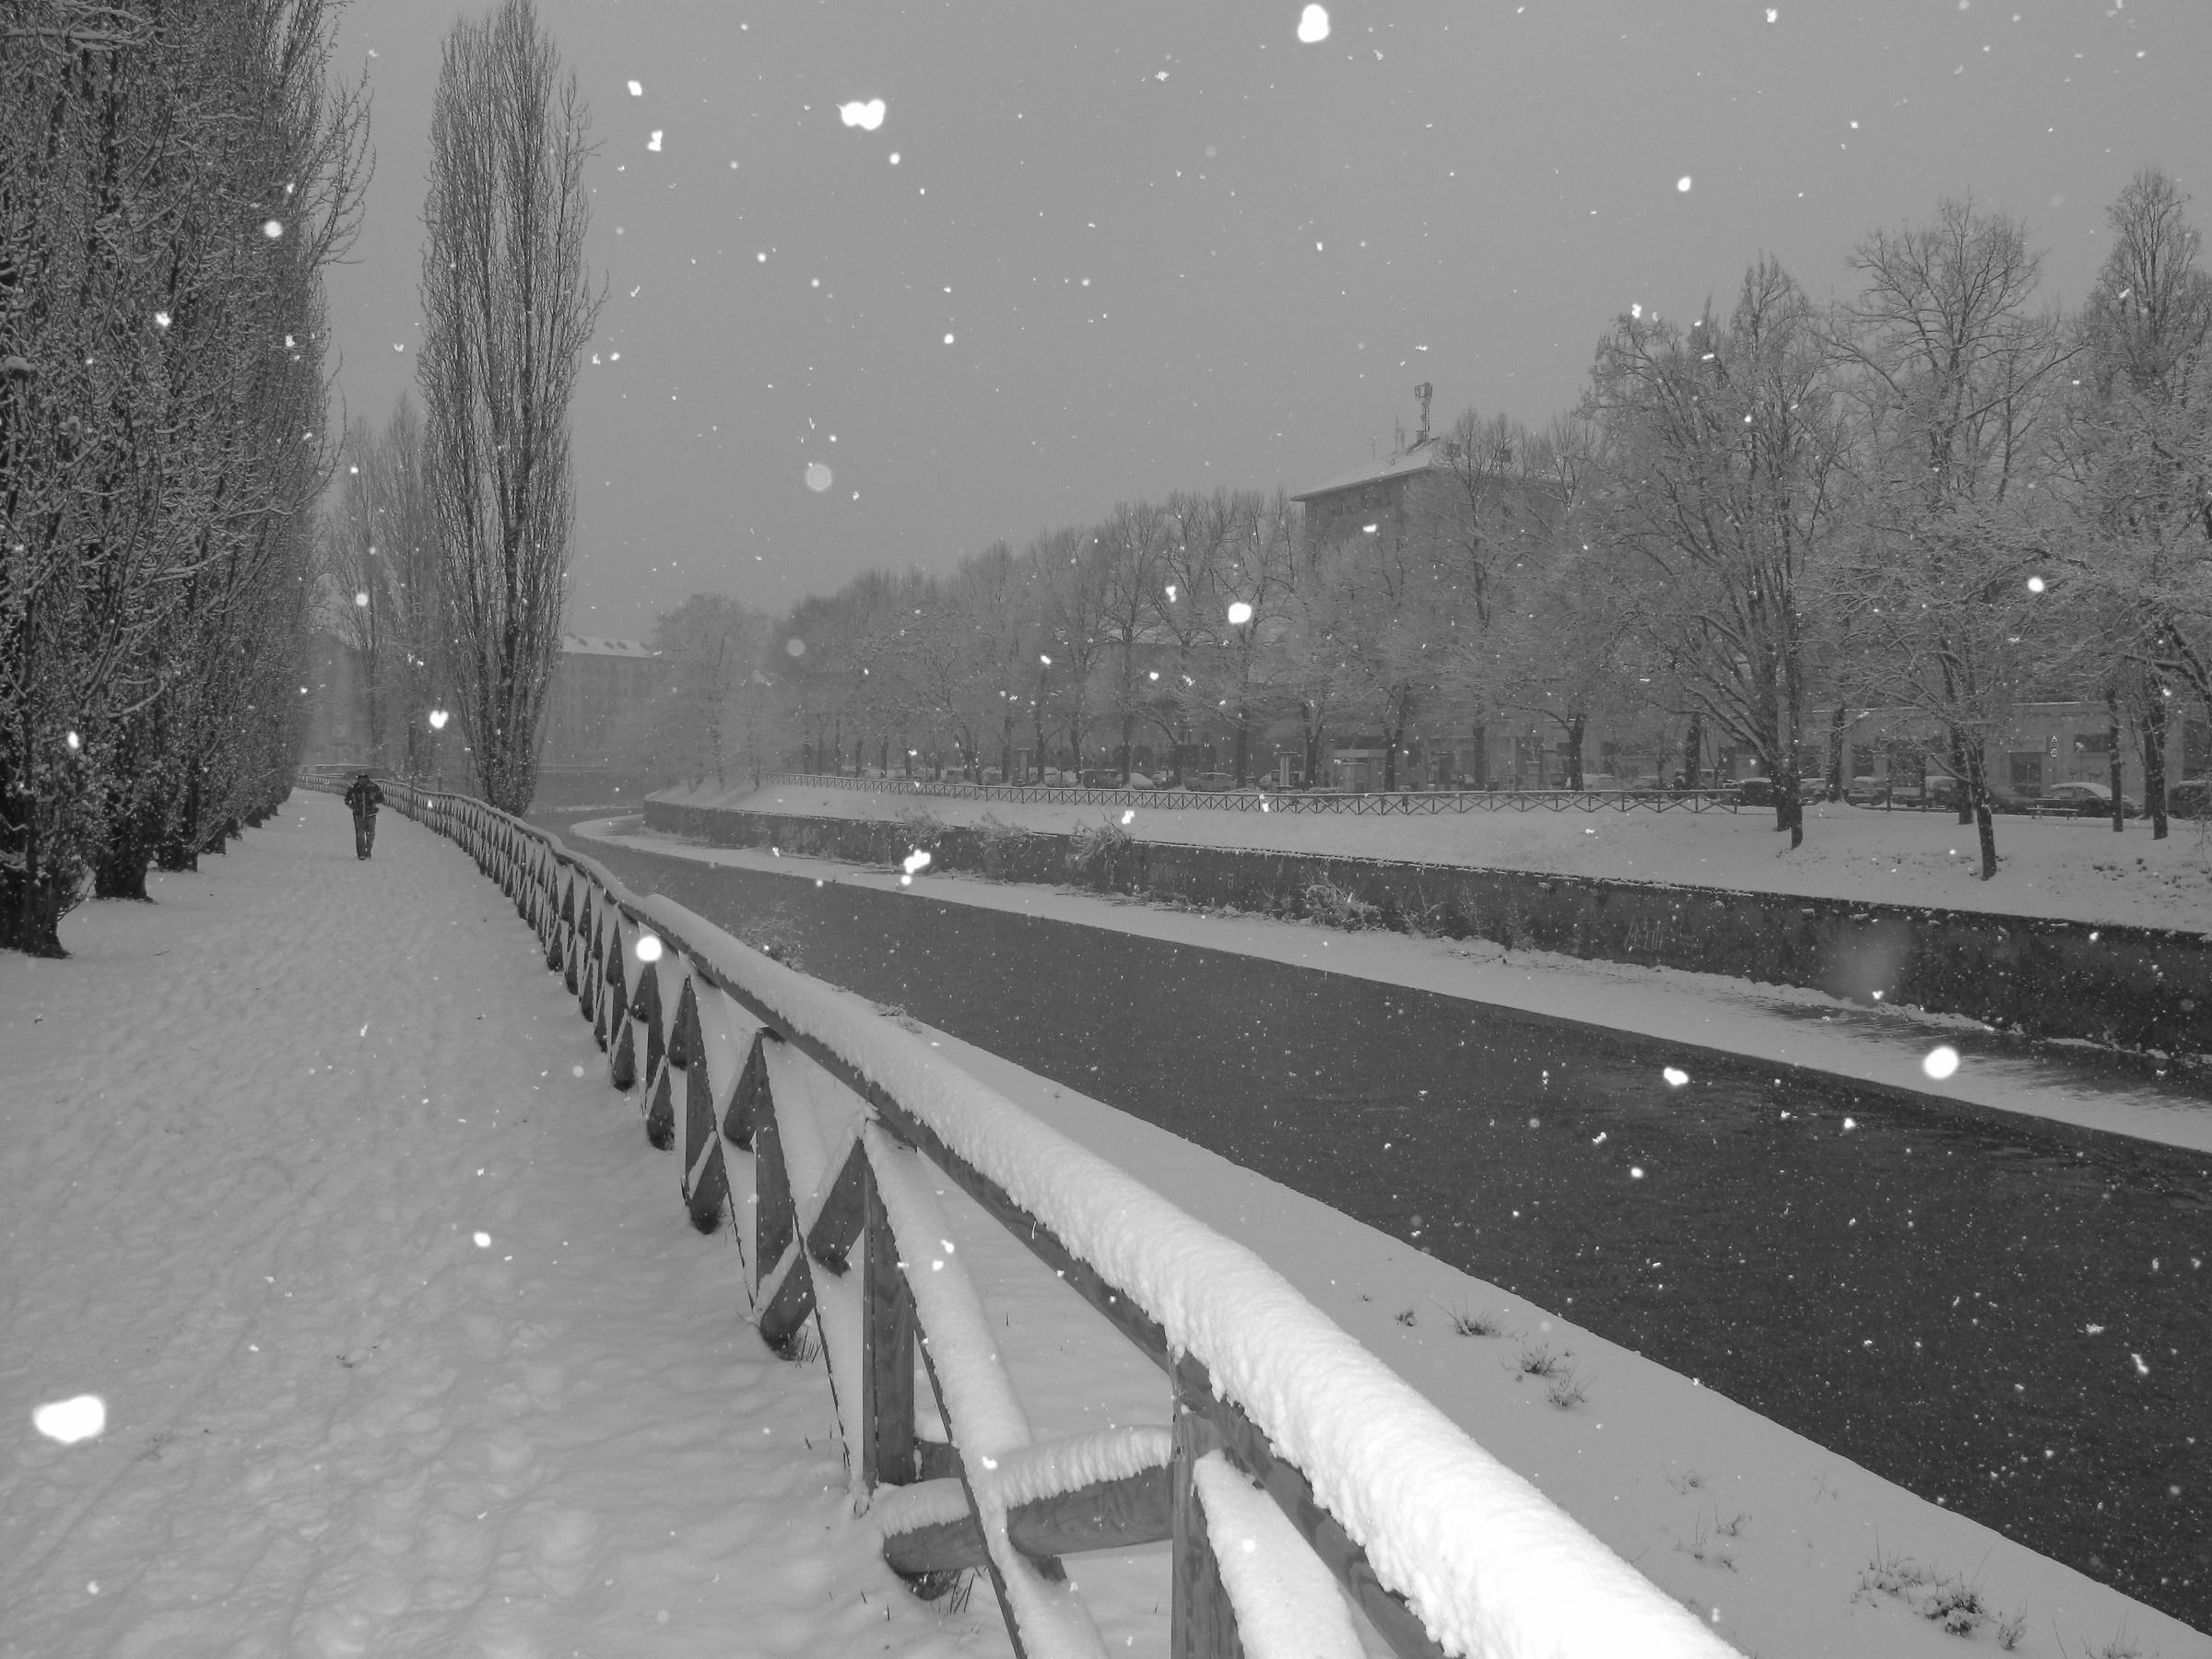 Snowfall in Turin...